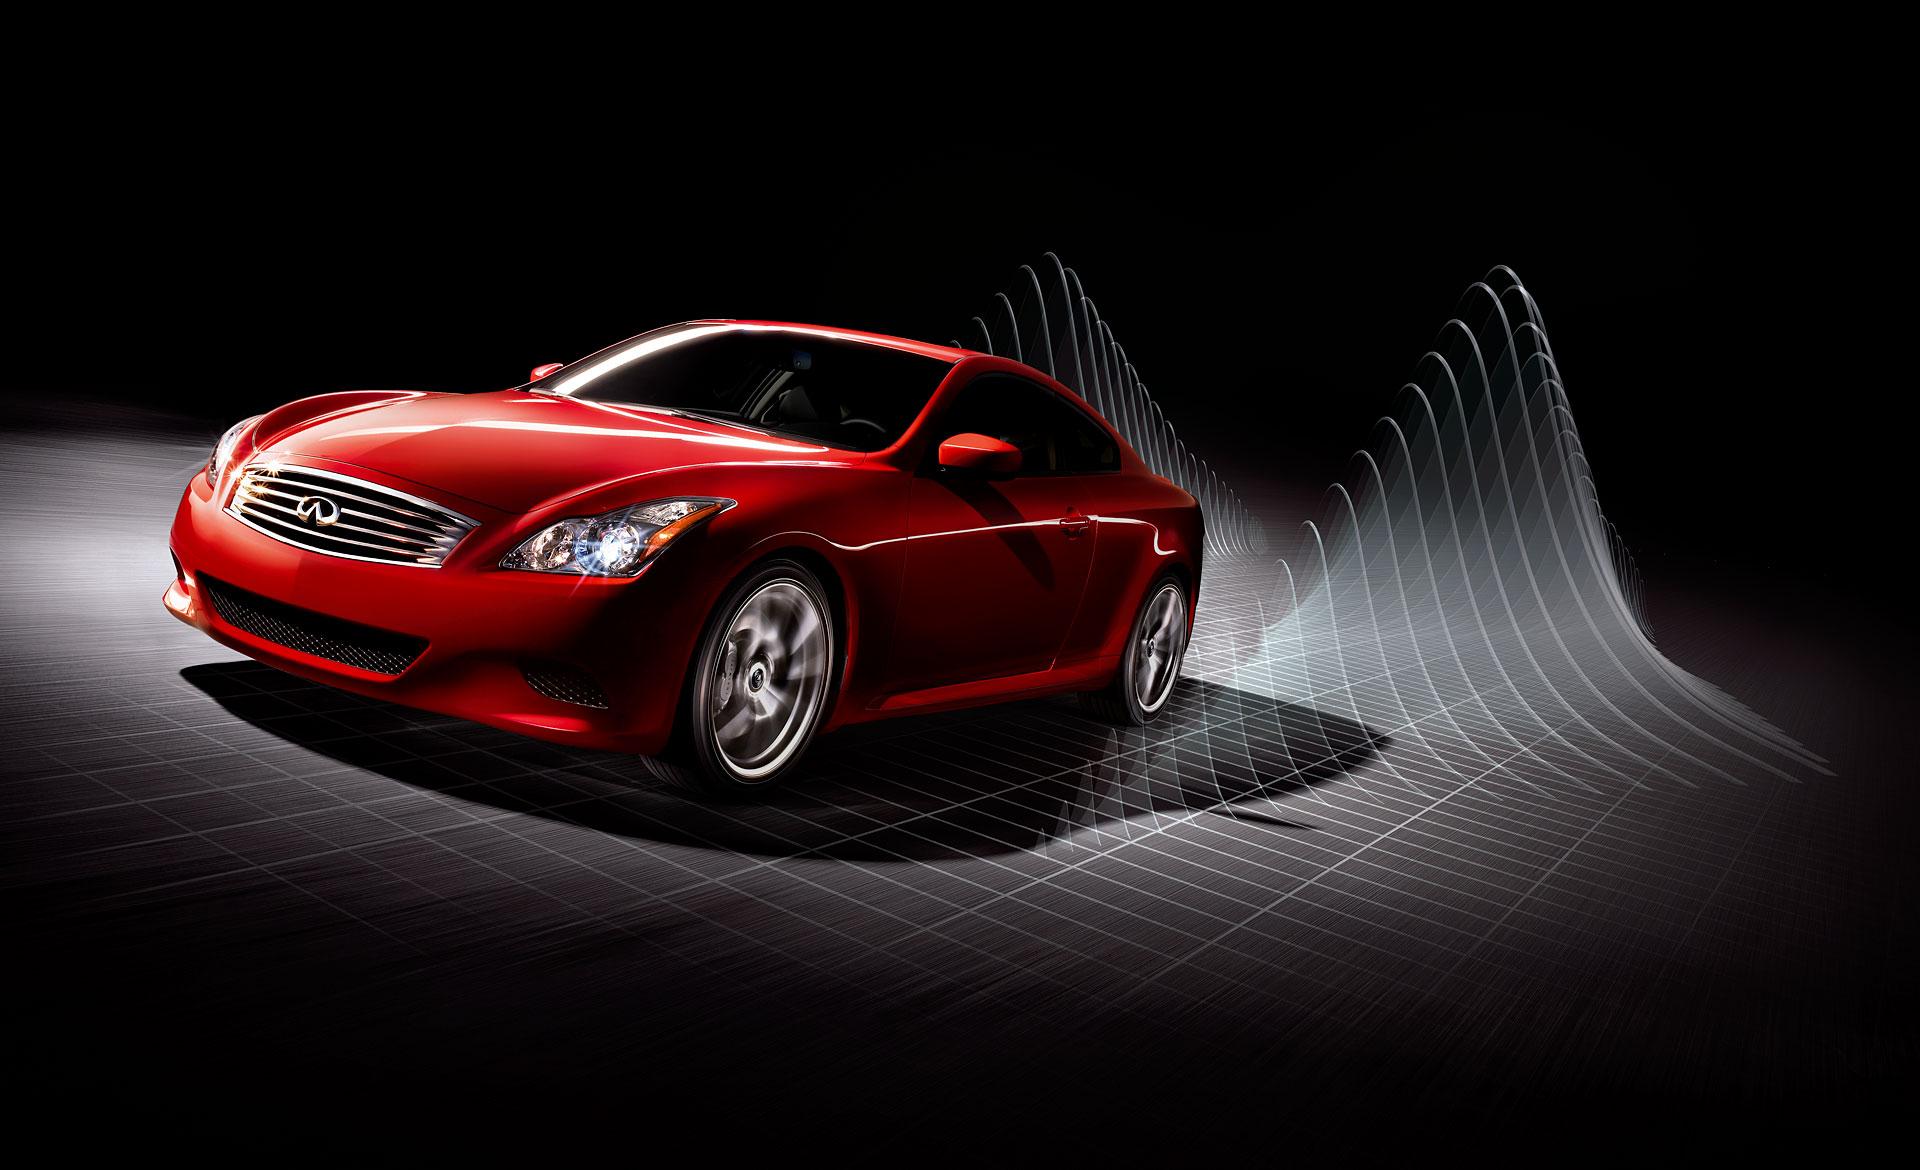 车贷GPS风控宝典 押车钥匙贷款GPS卫通达饶珠洲GPS